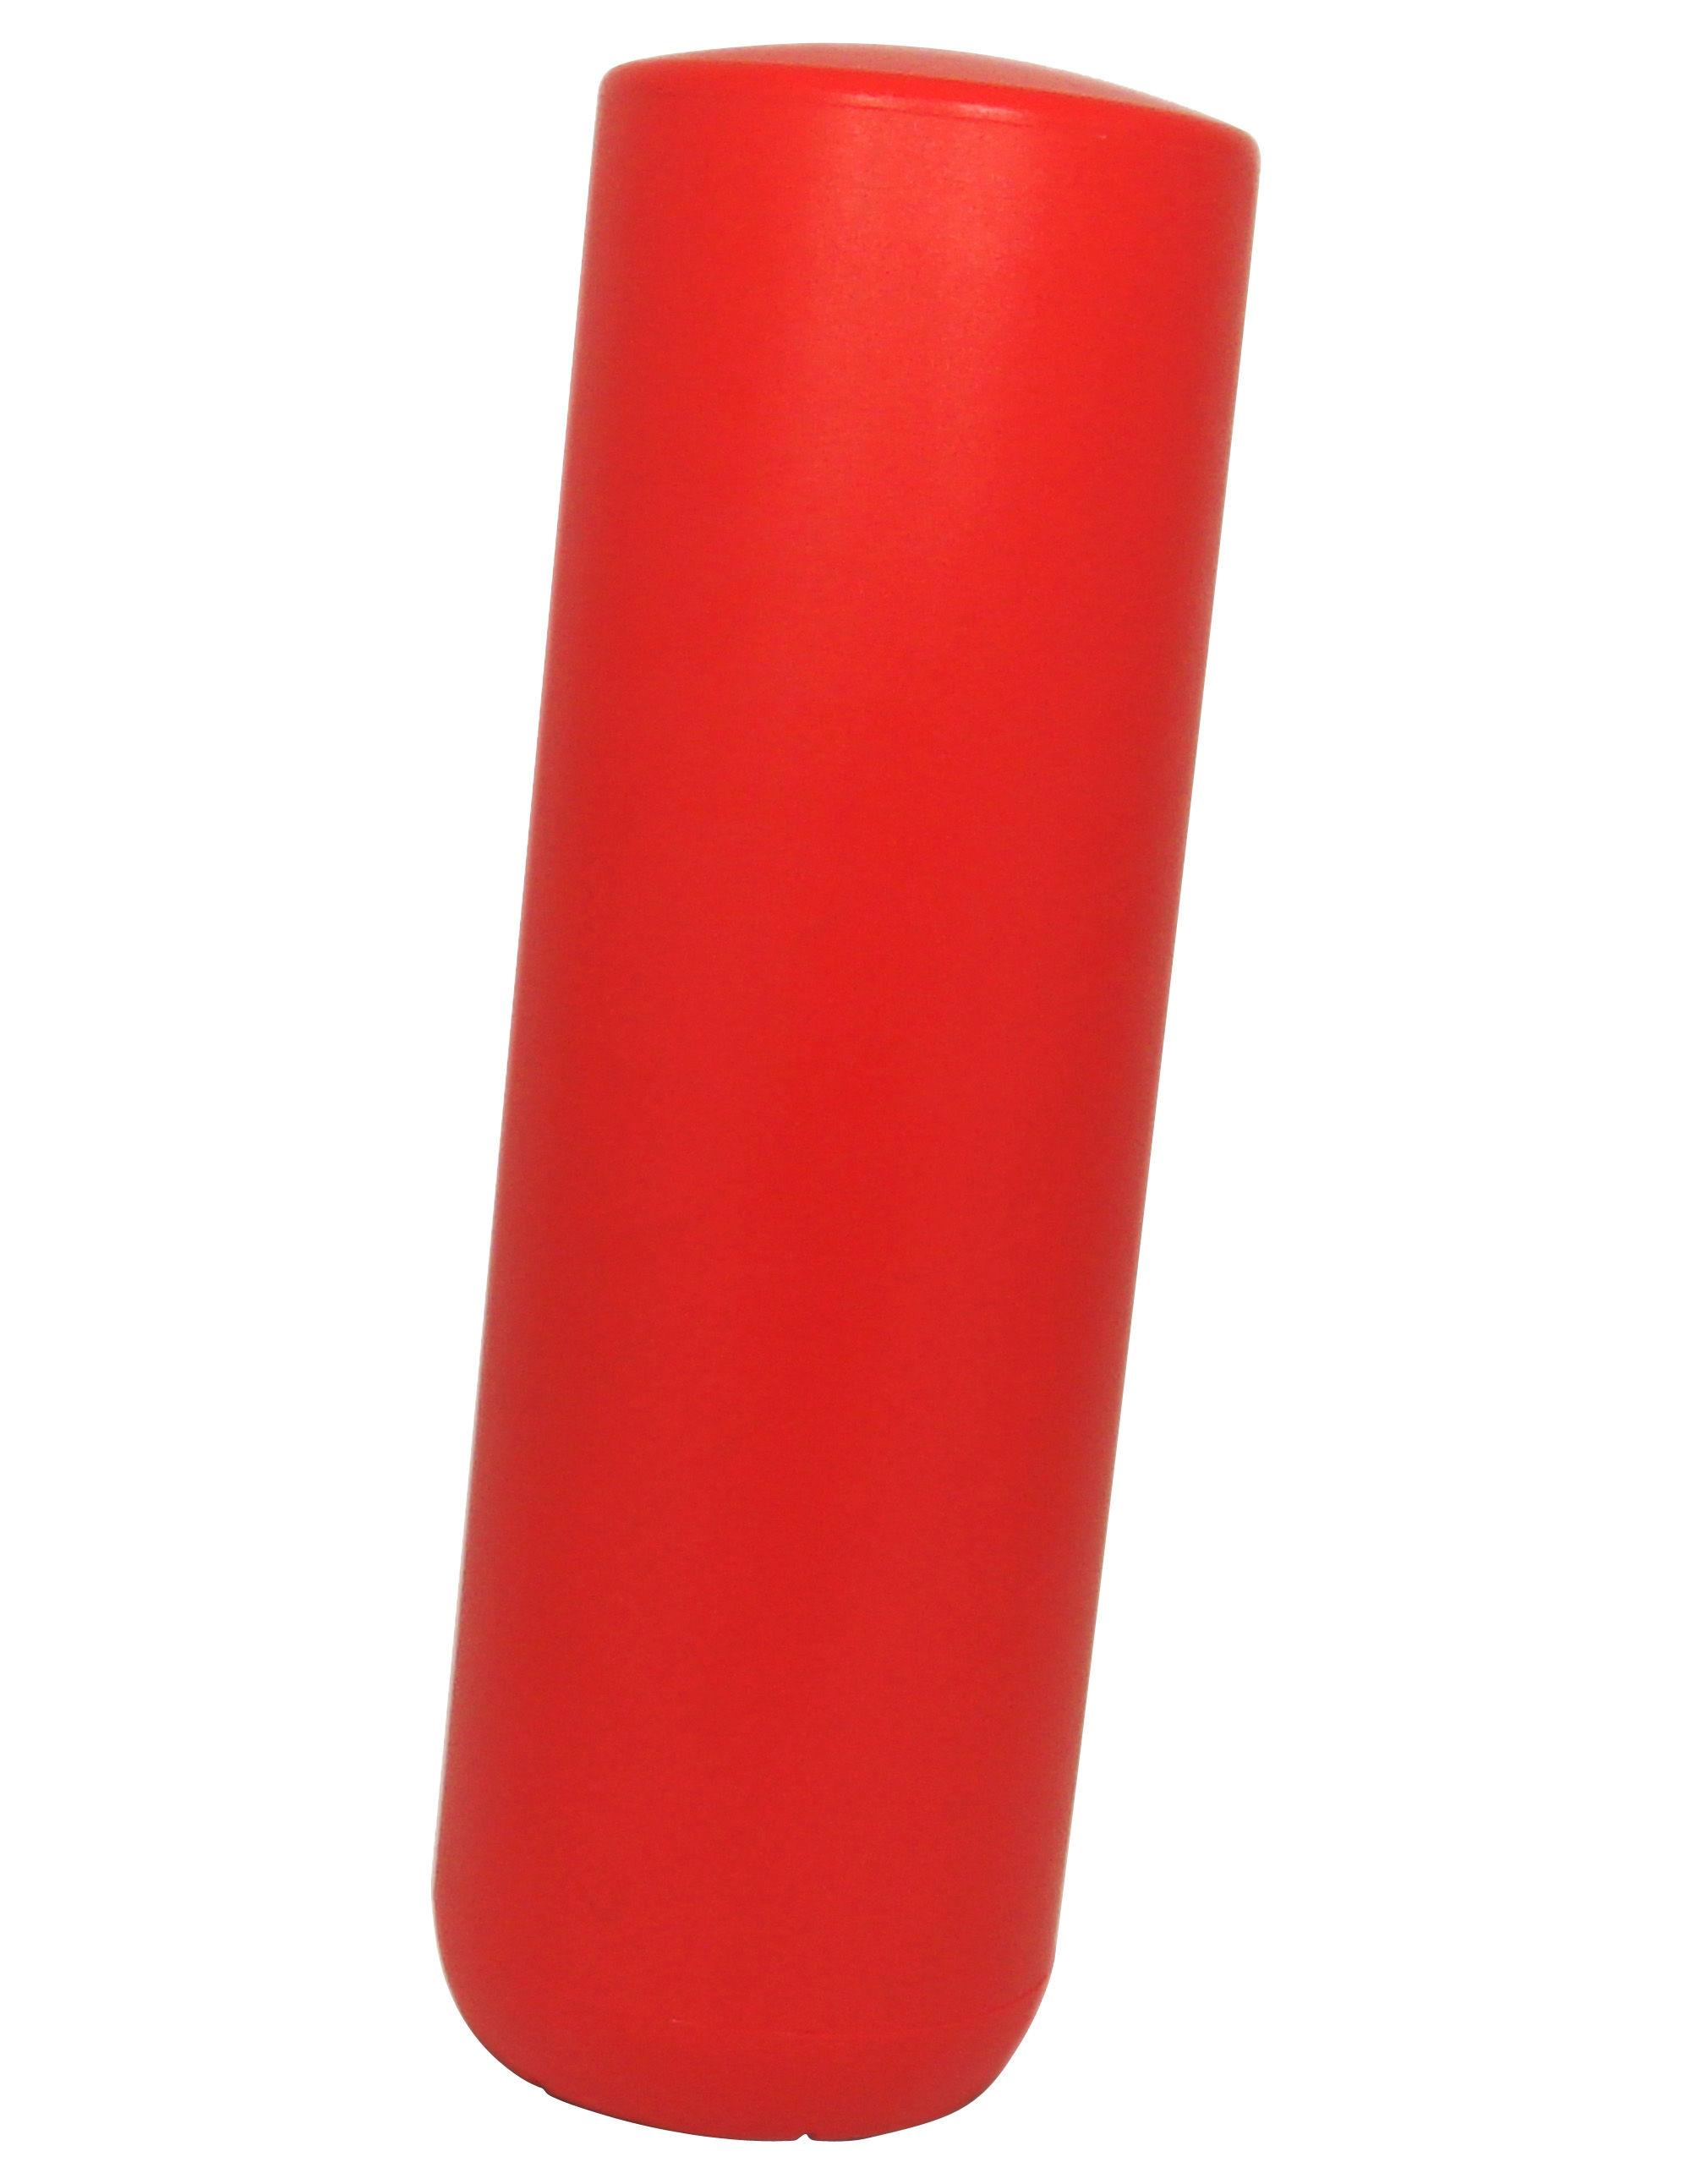 Arredamento - Sgabelli da bar  - Sgabello bar Sway - H 66,5 cm di Thelermont Hupton - Rosso - Polietilene